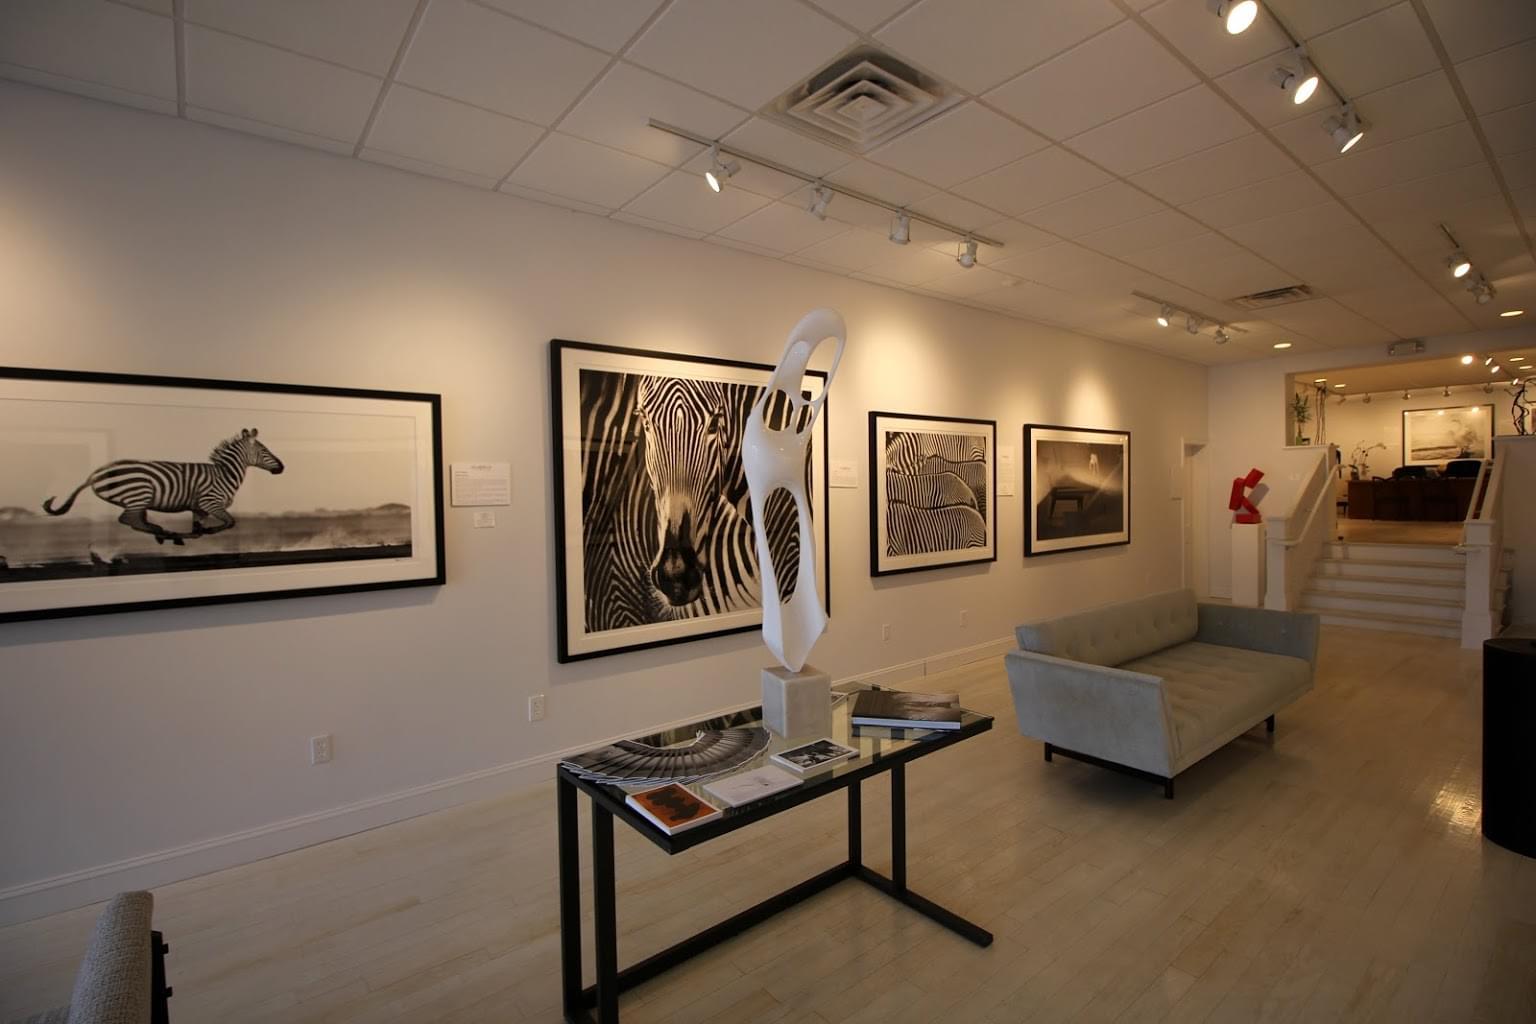 Isabella Garrucho Fine Art Greenwich, CT Art Gallery exhibit